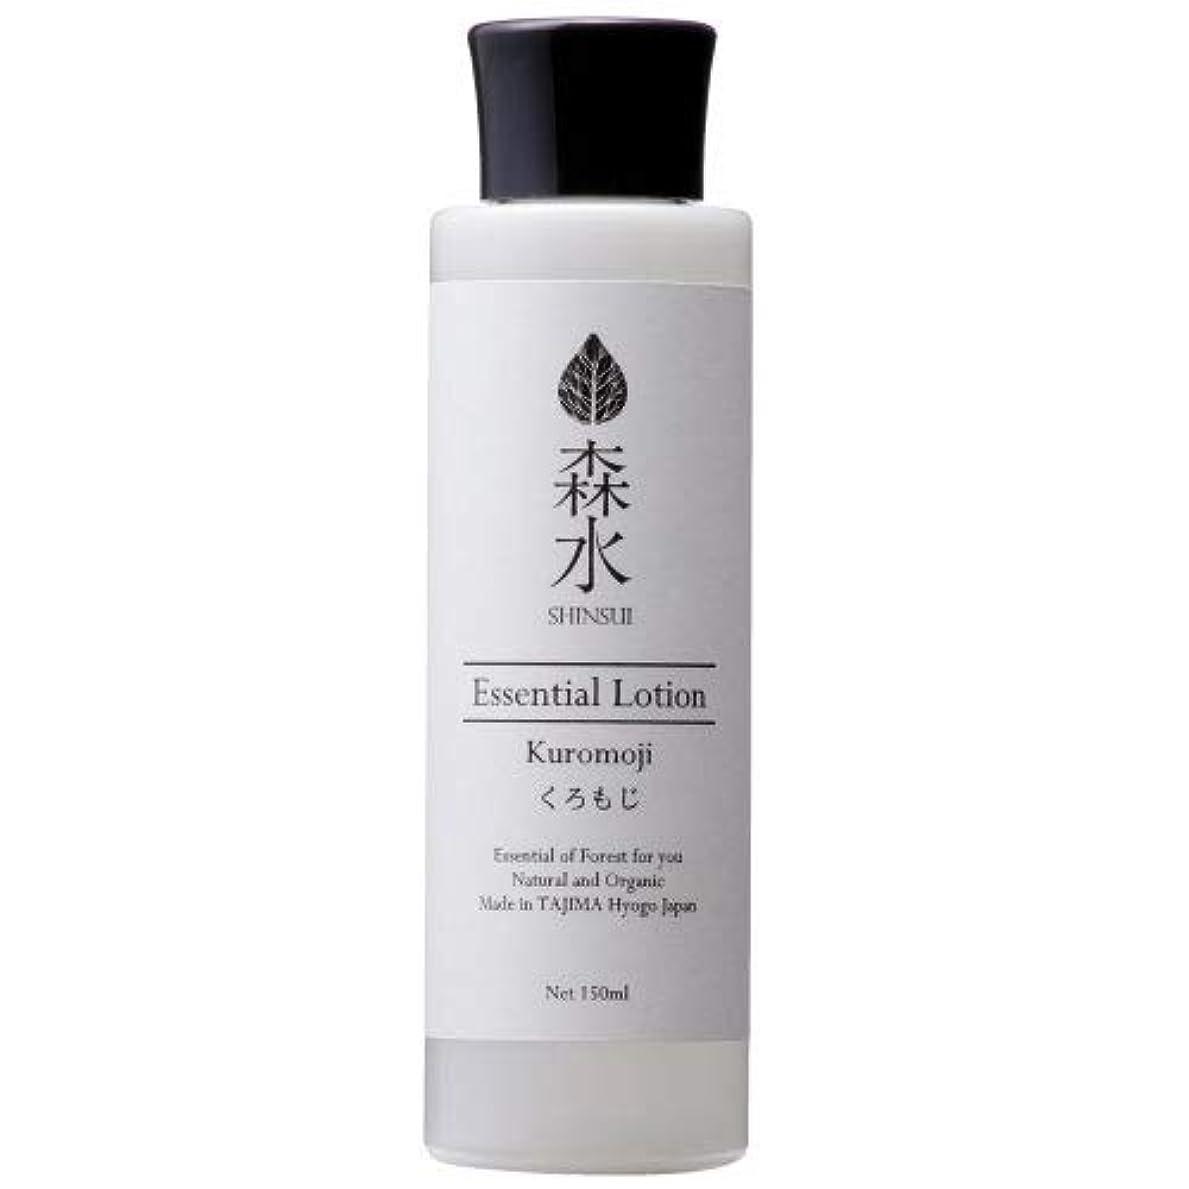 森水-SHINSUI シンスイ-くろもじ化粧水(Kuromoji Essential Lotion)150ml